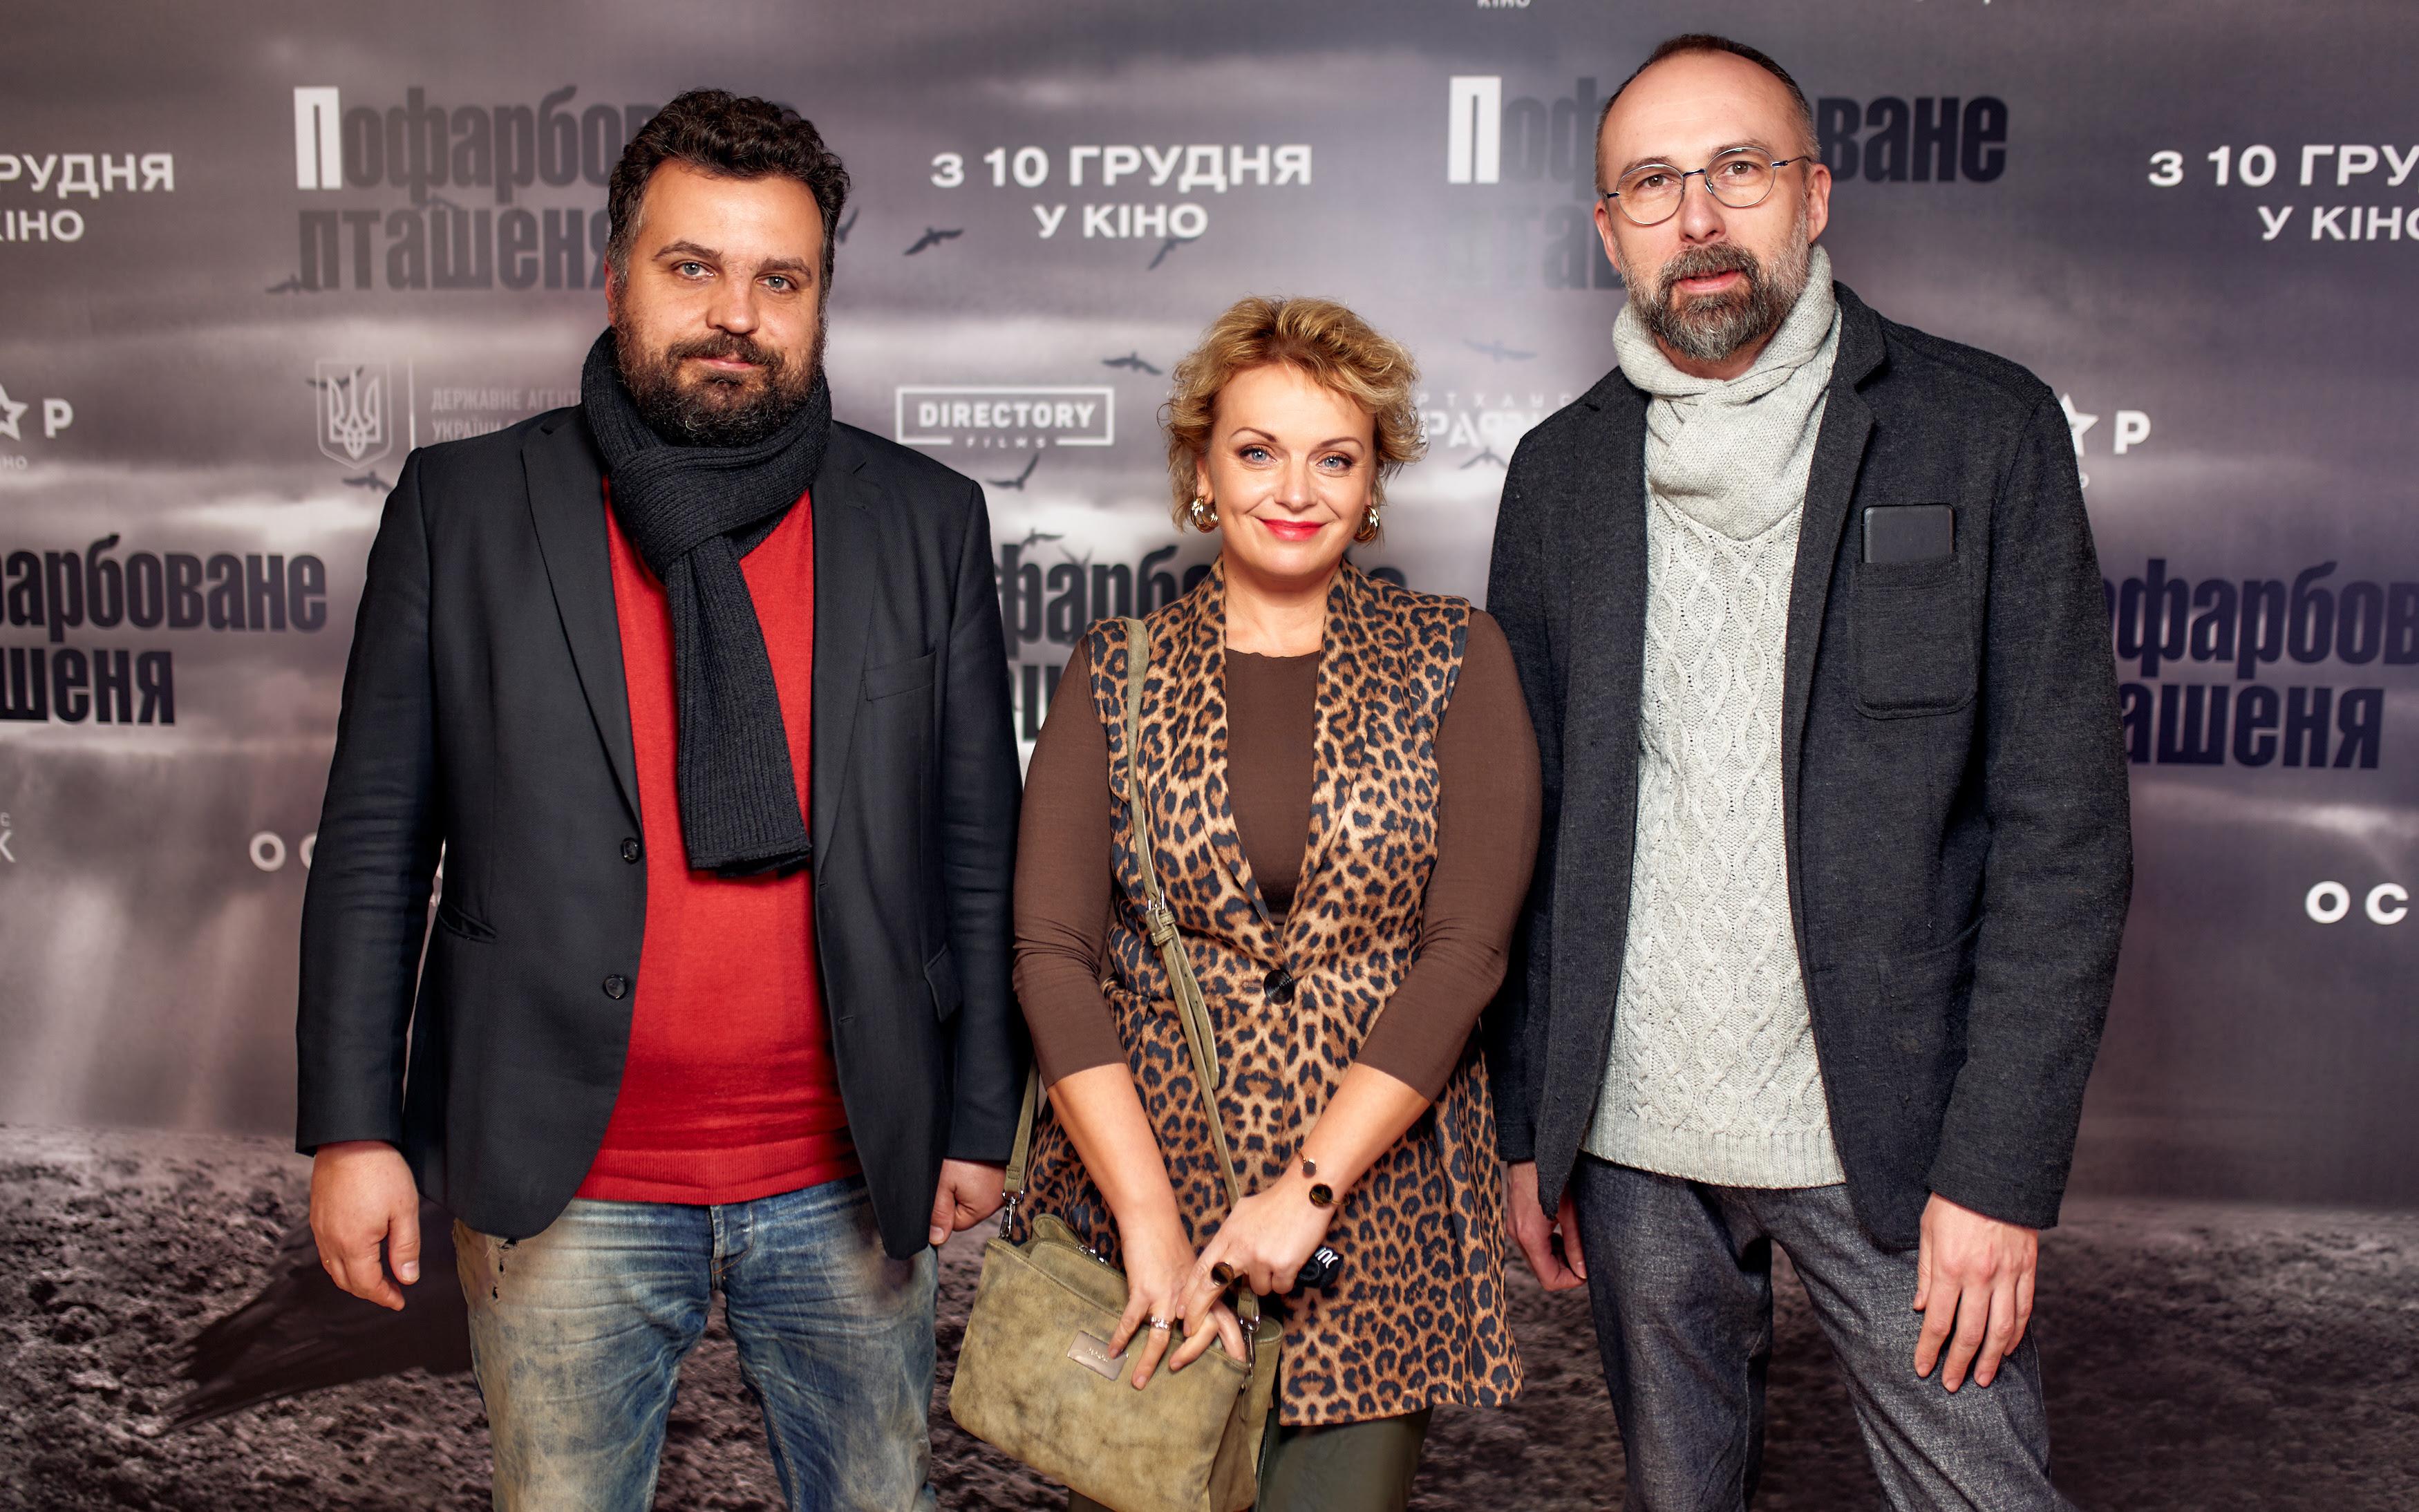 Пилип Іллєнко, Ірма Вітовська, Ігор Савиченко